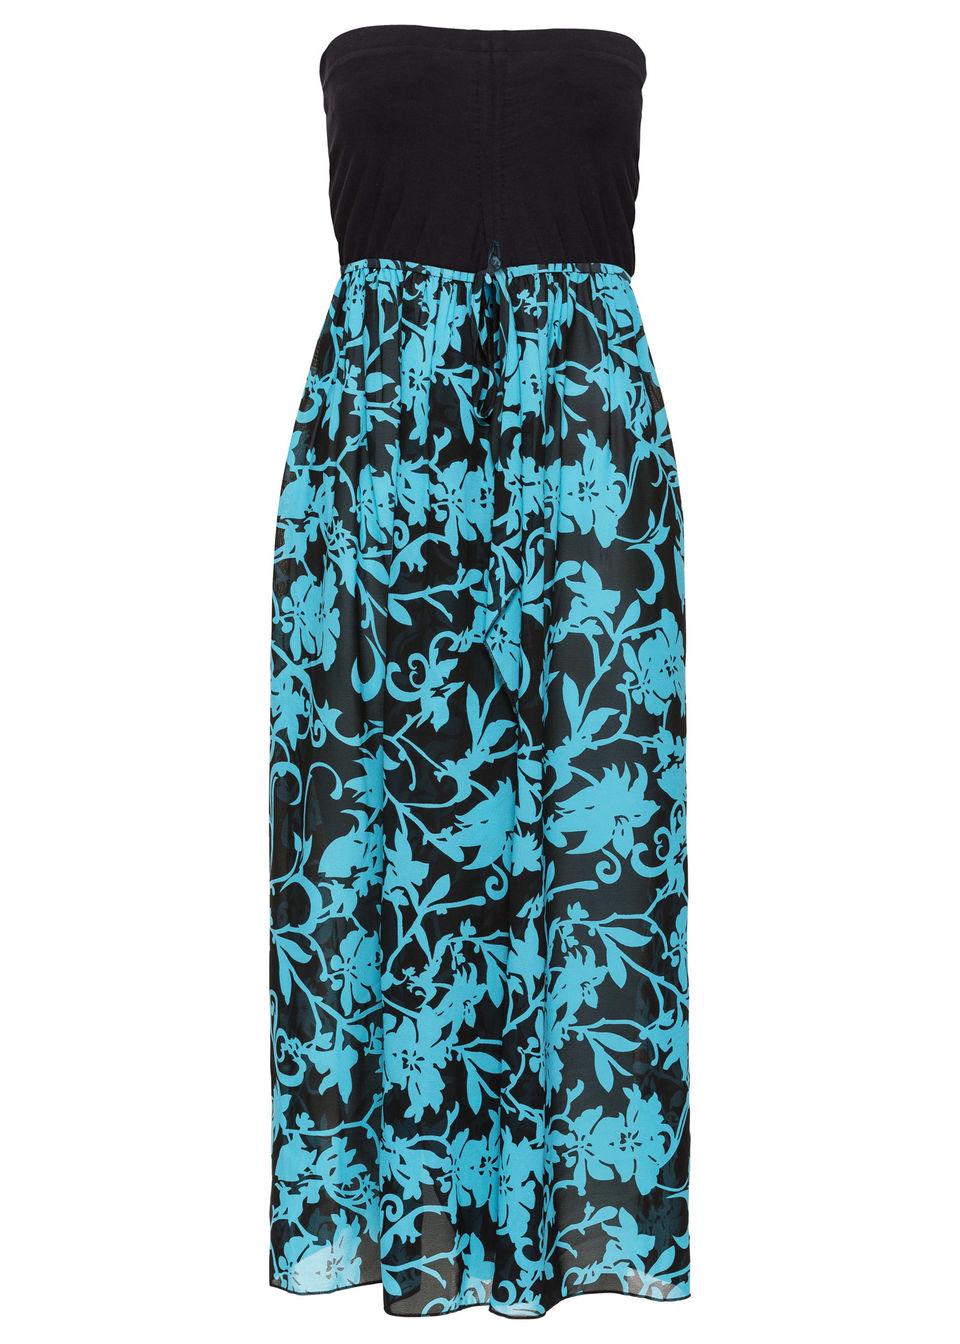 Sukienka plażowa z dekoltem bandeau bonprix Sukienka plaż czar-tur